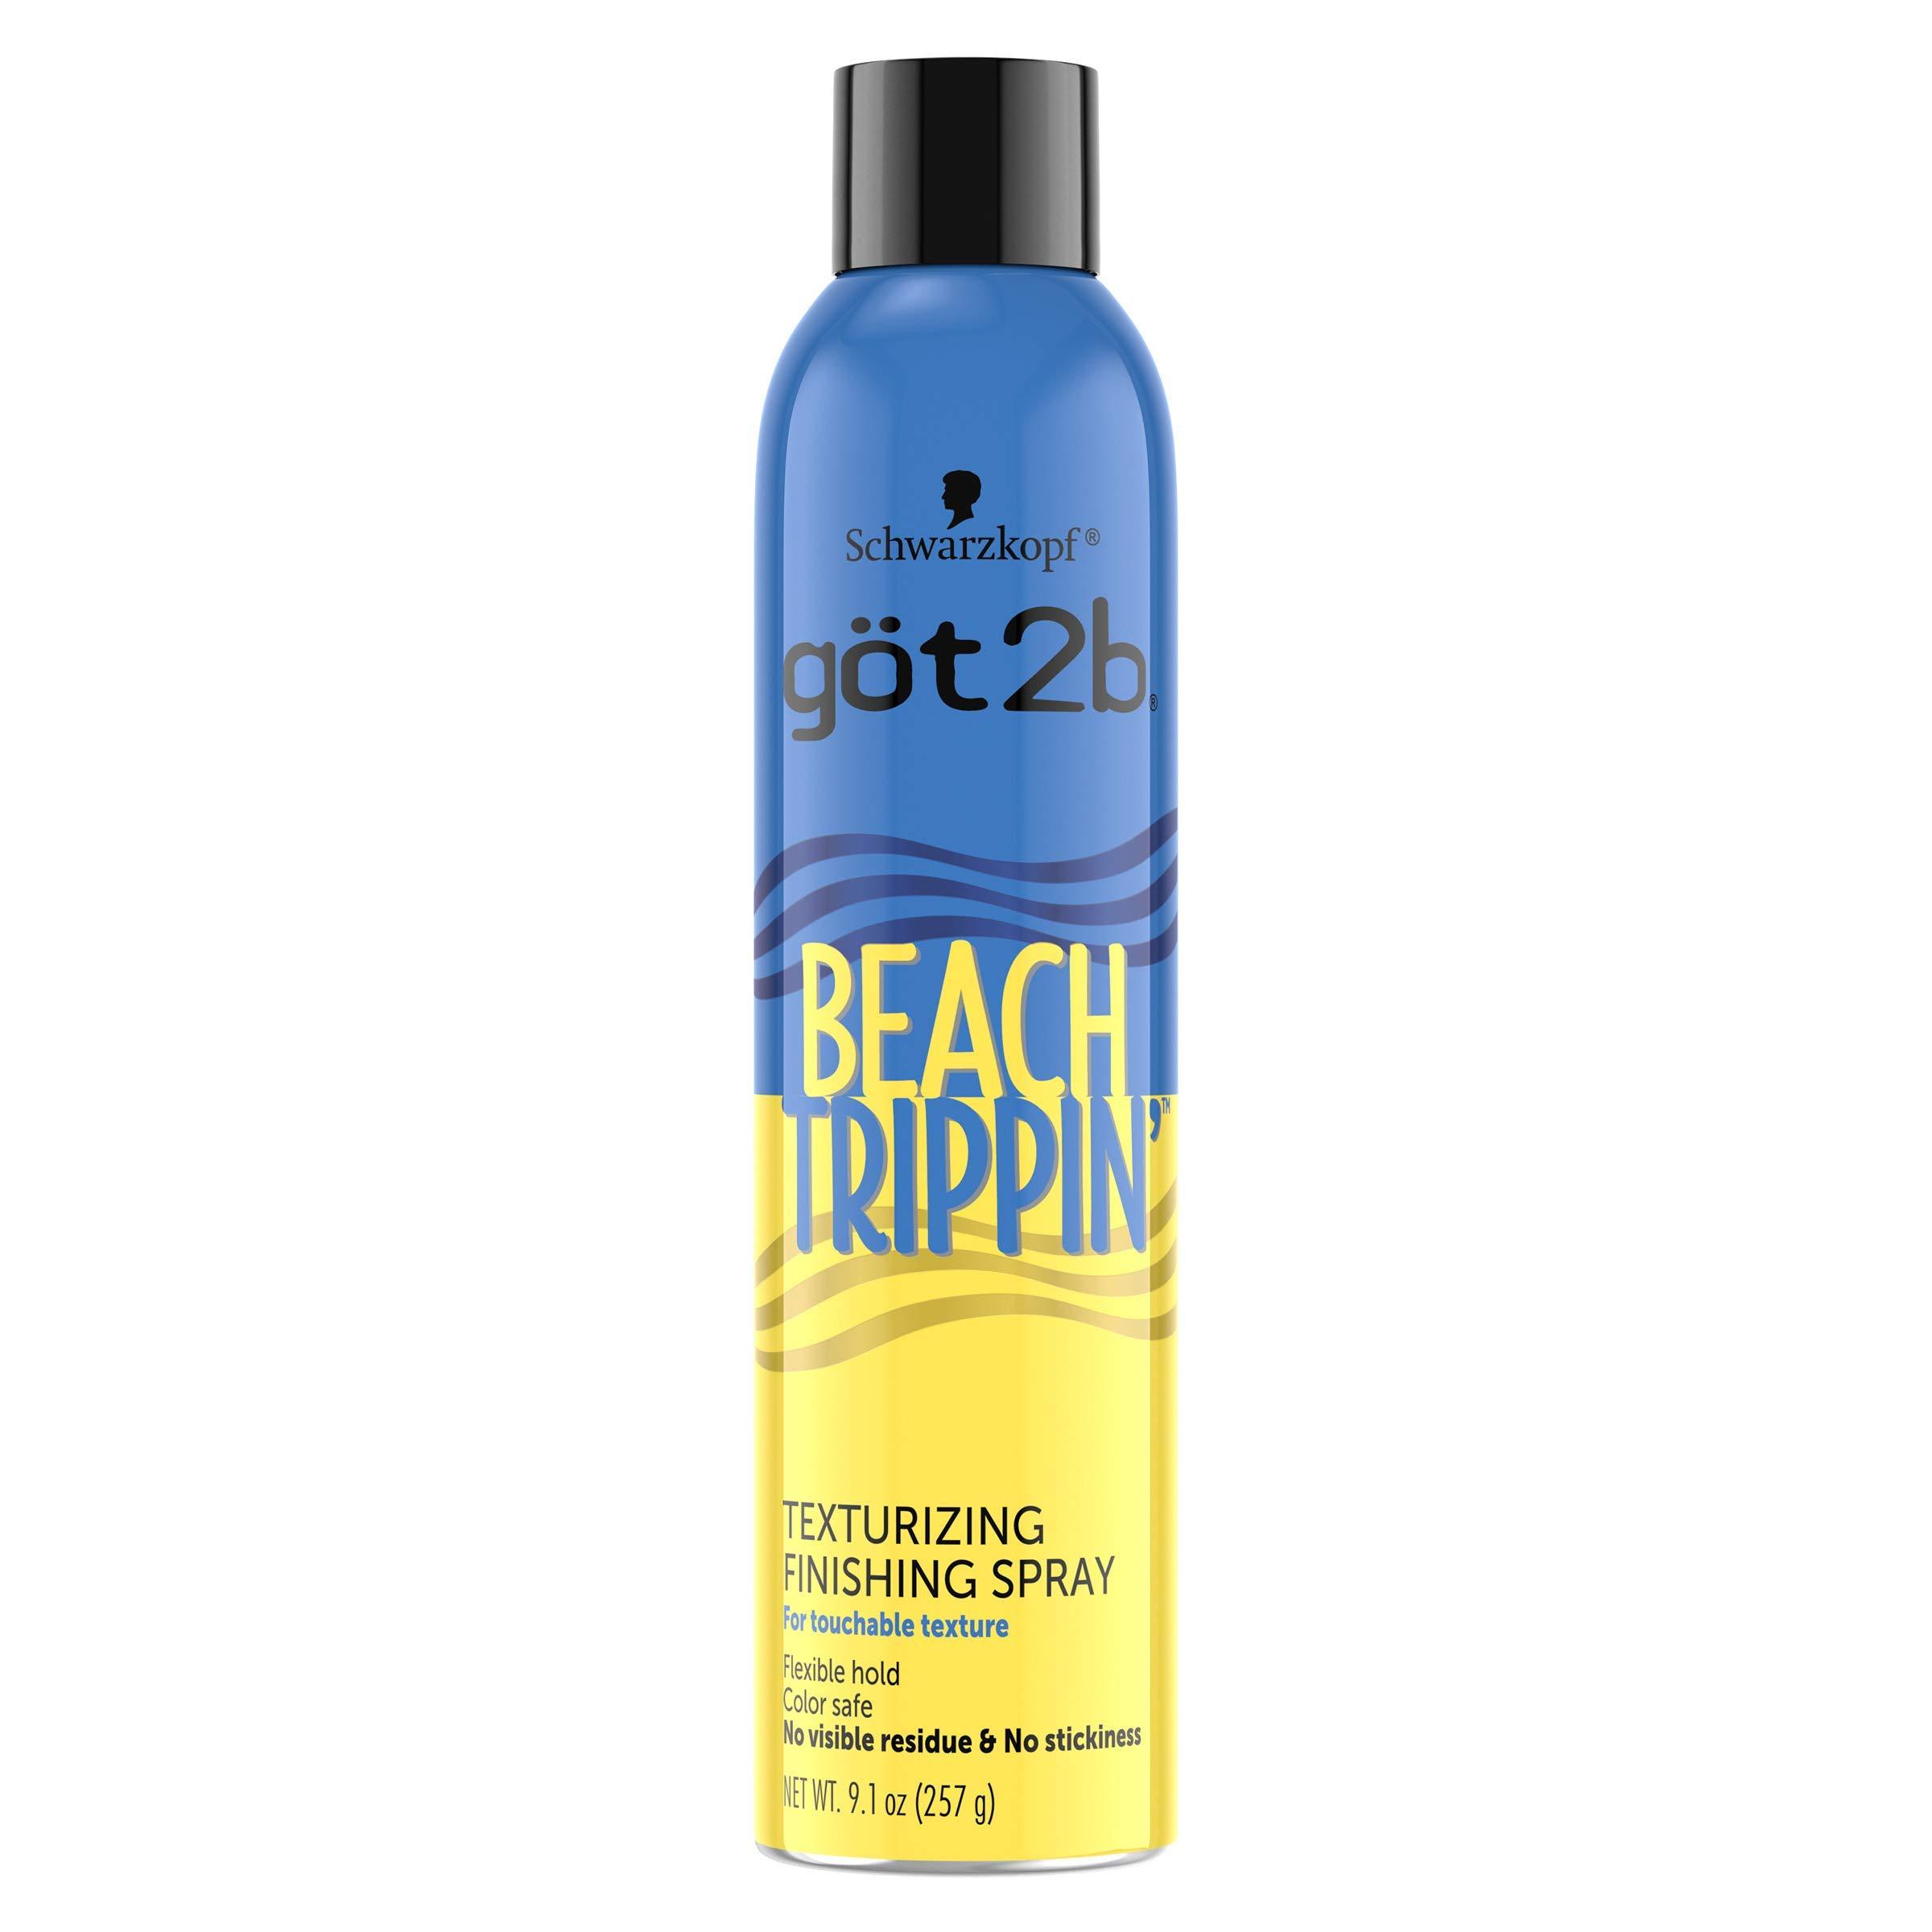 got2b Beach Trippin' Texturizing Spray, Hair Spray, 9.1 Ounce